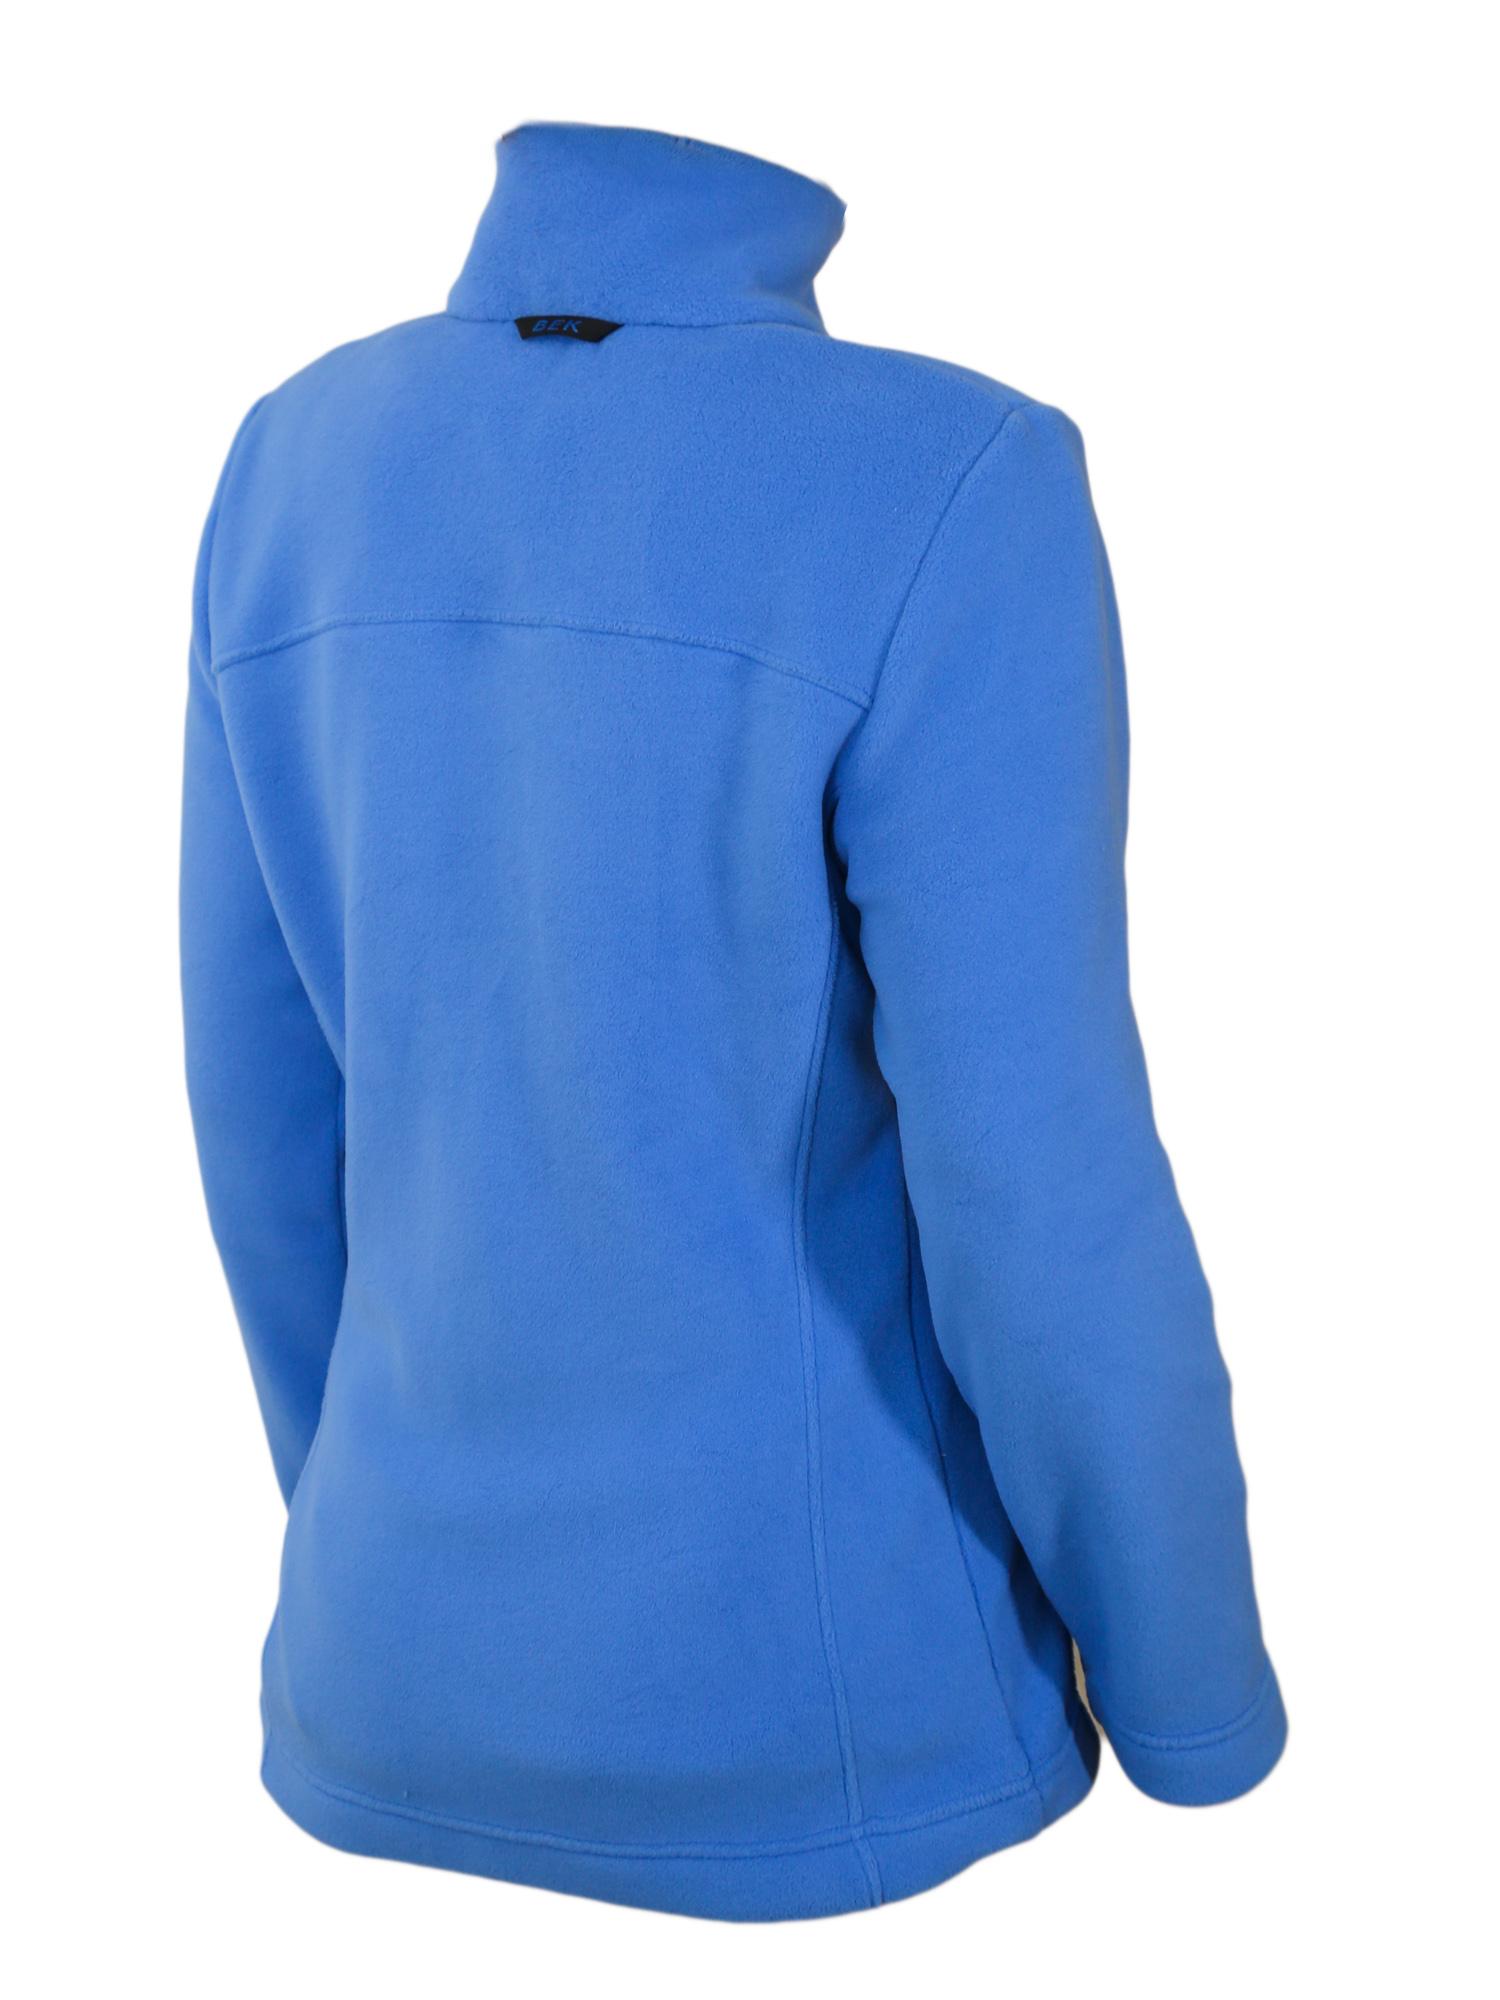 Куртка Век Истра полар женская